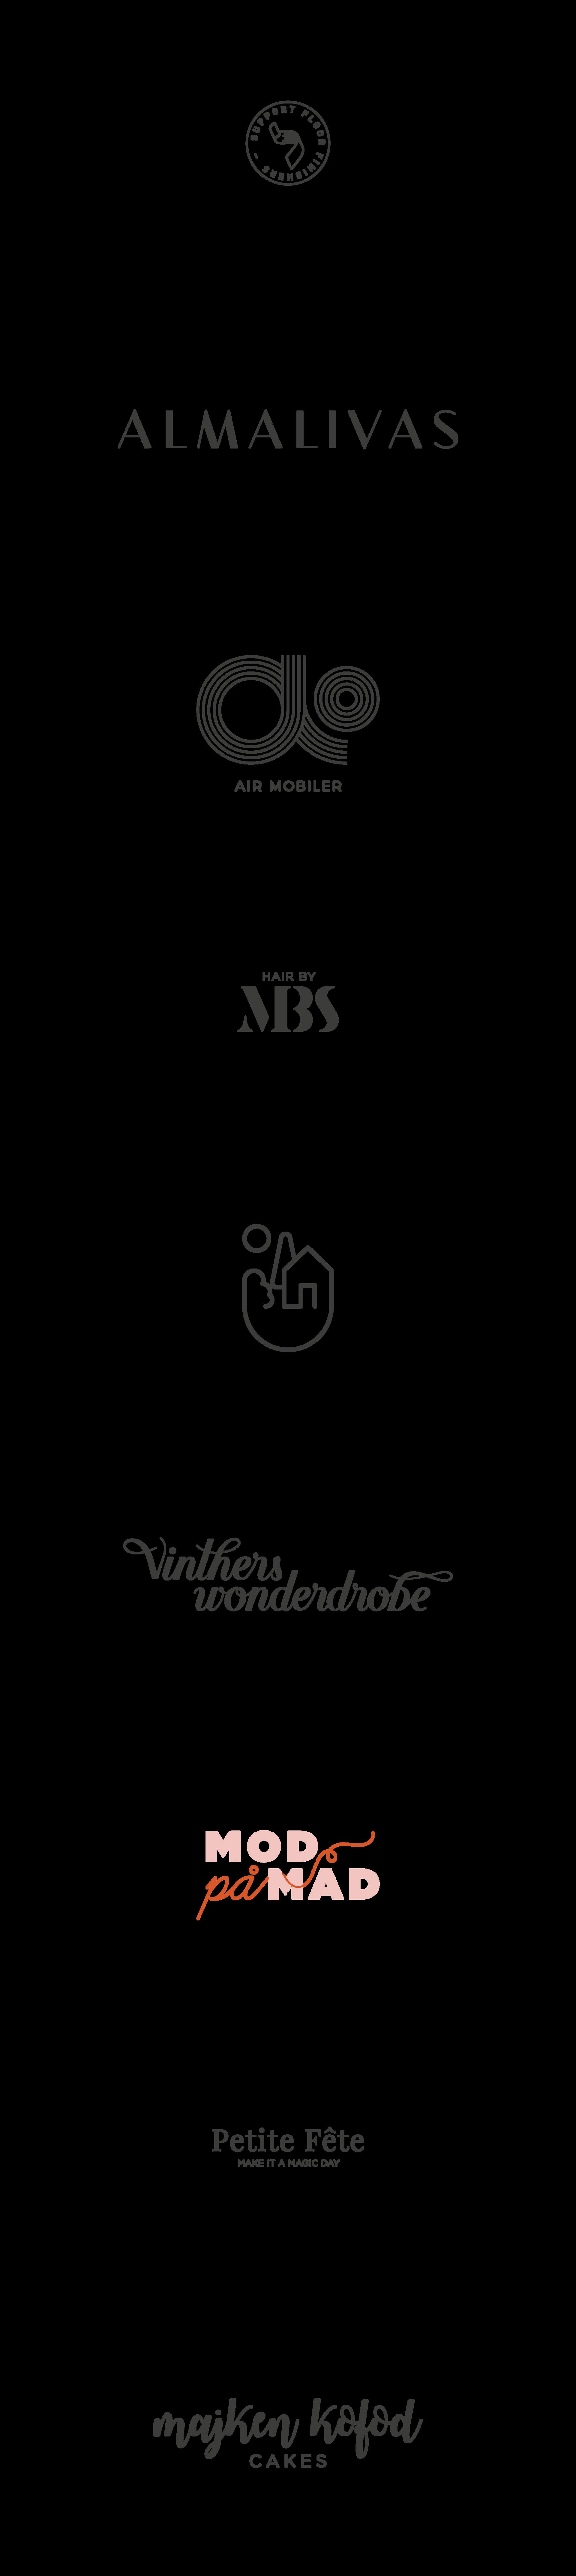 Logos_200330.png